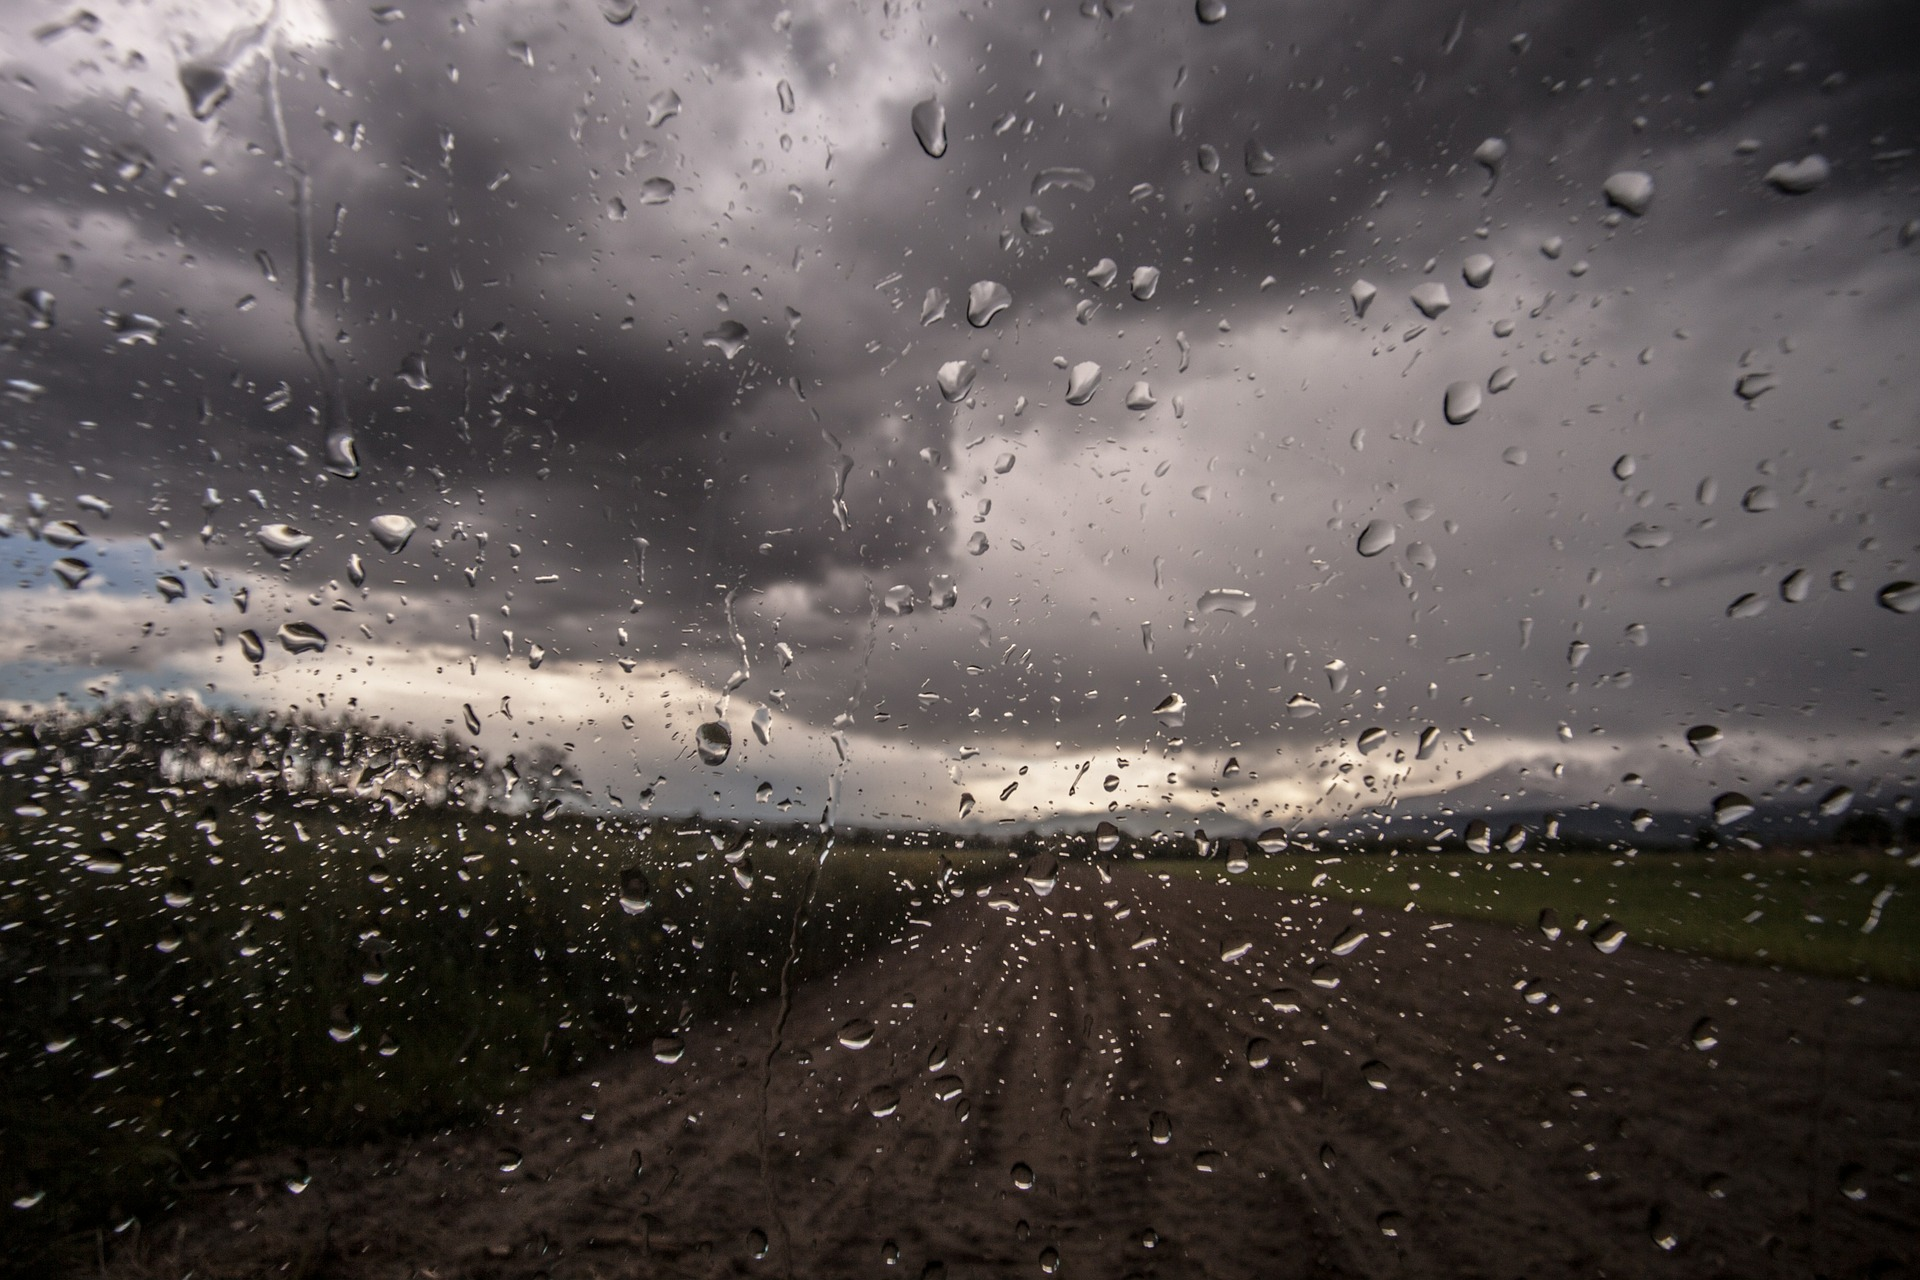 Opłata od deszczu. Policzyliśmy ile zapłacą właściciele  domów, sklepów, magazynów - Zdjęcie główne